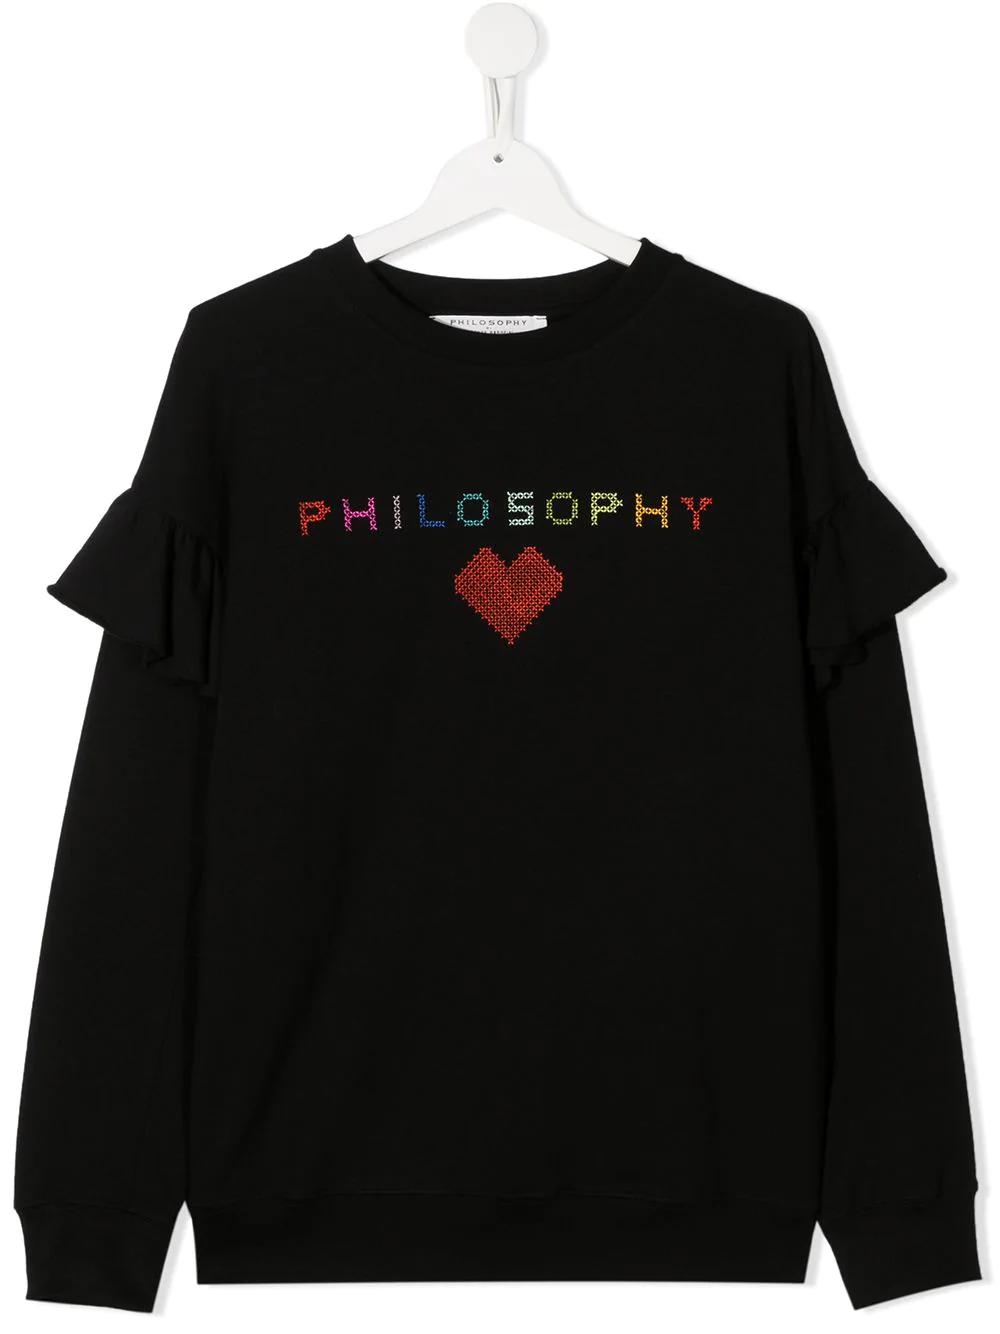 Sweatshirt Philosophy kids PHILOSOPHY KIDS | -108764232 | PJFE41FE147ZH0050046